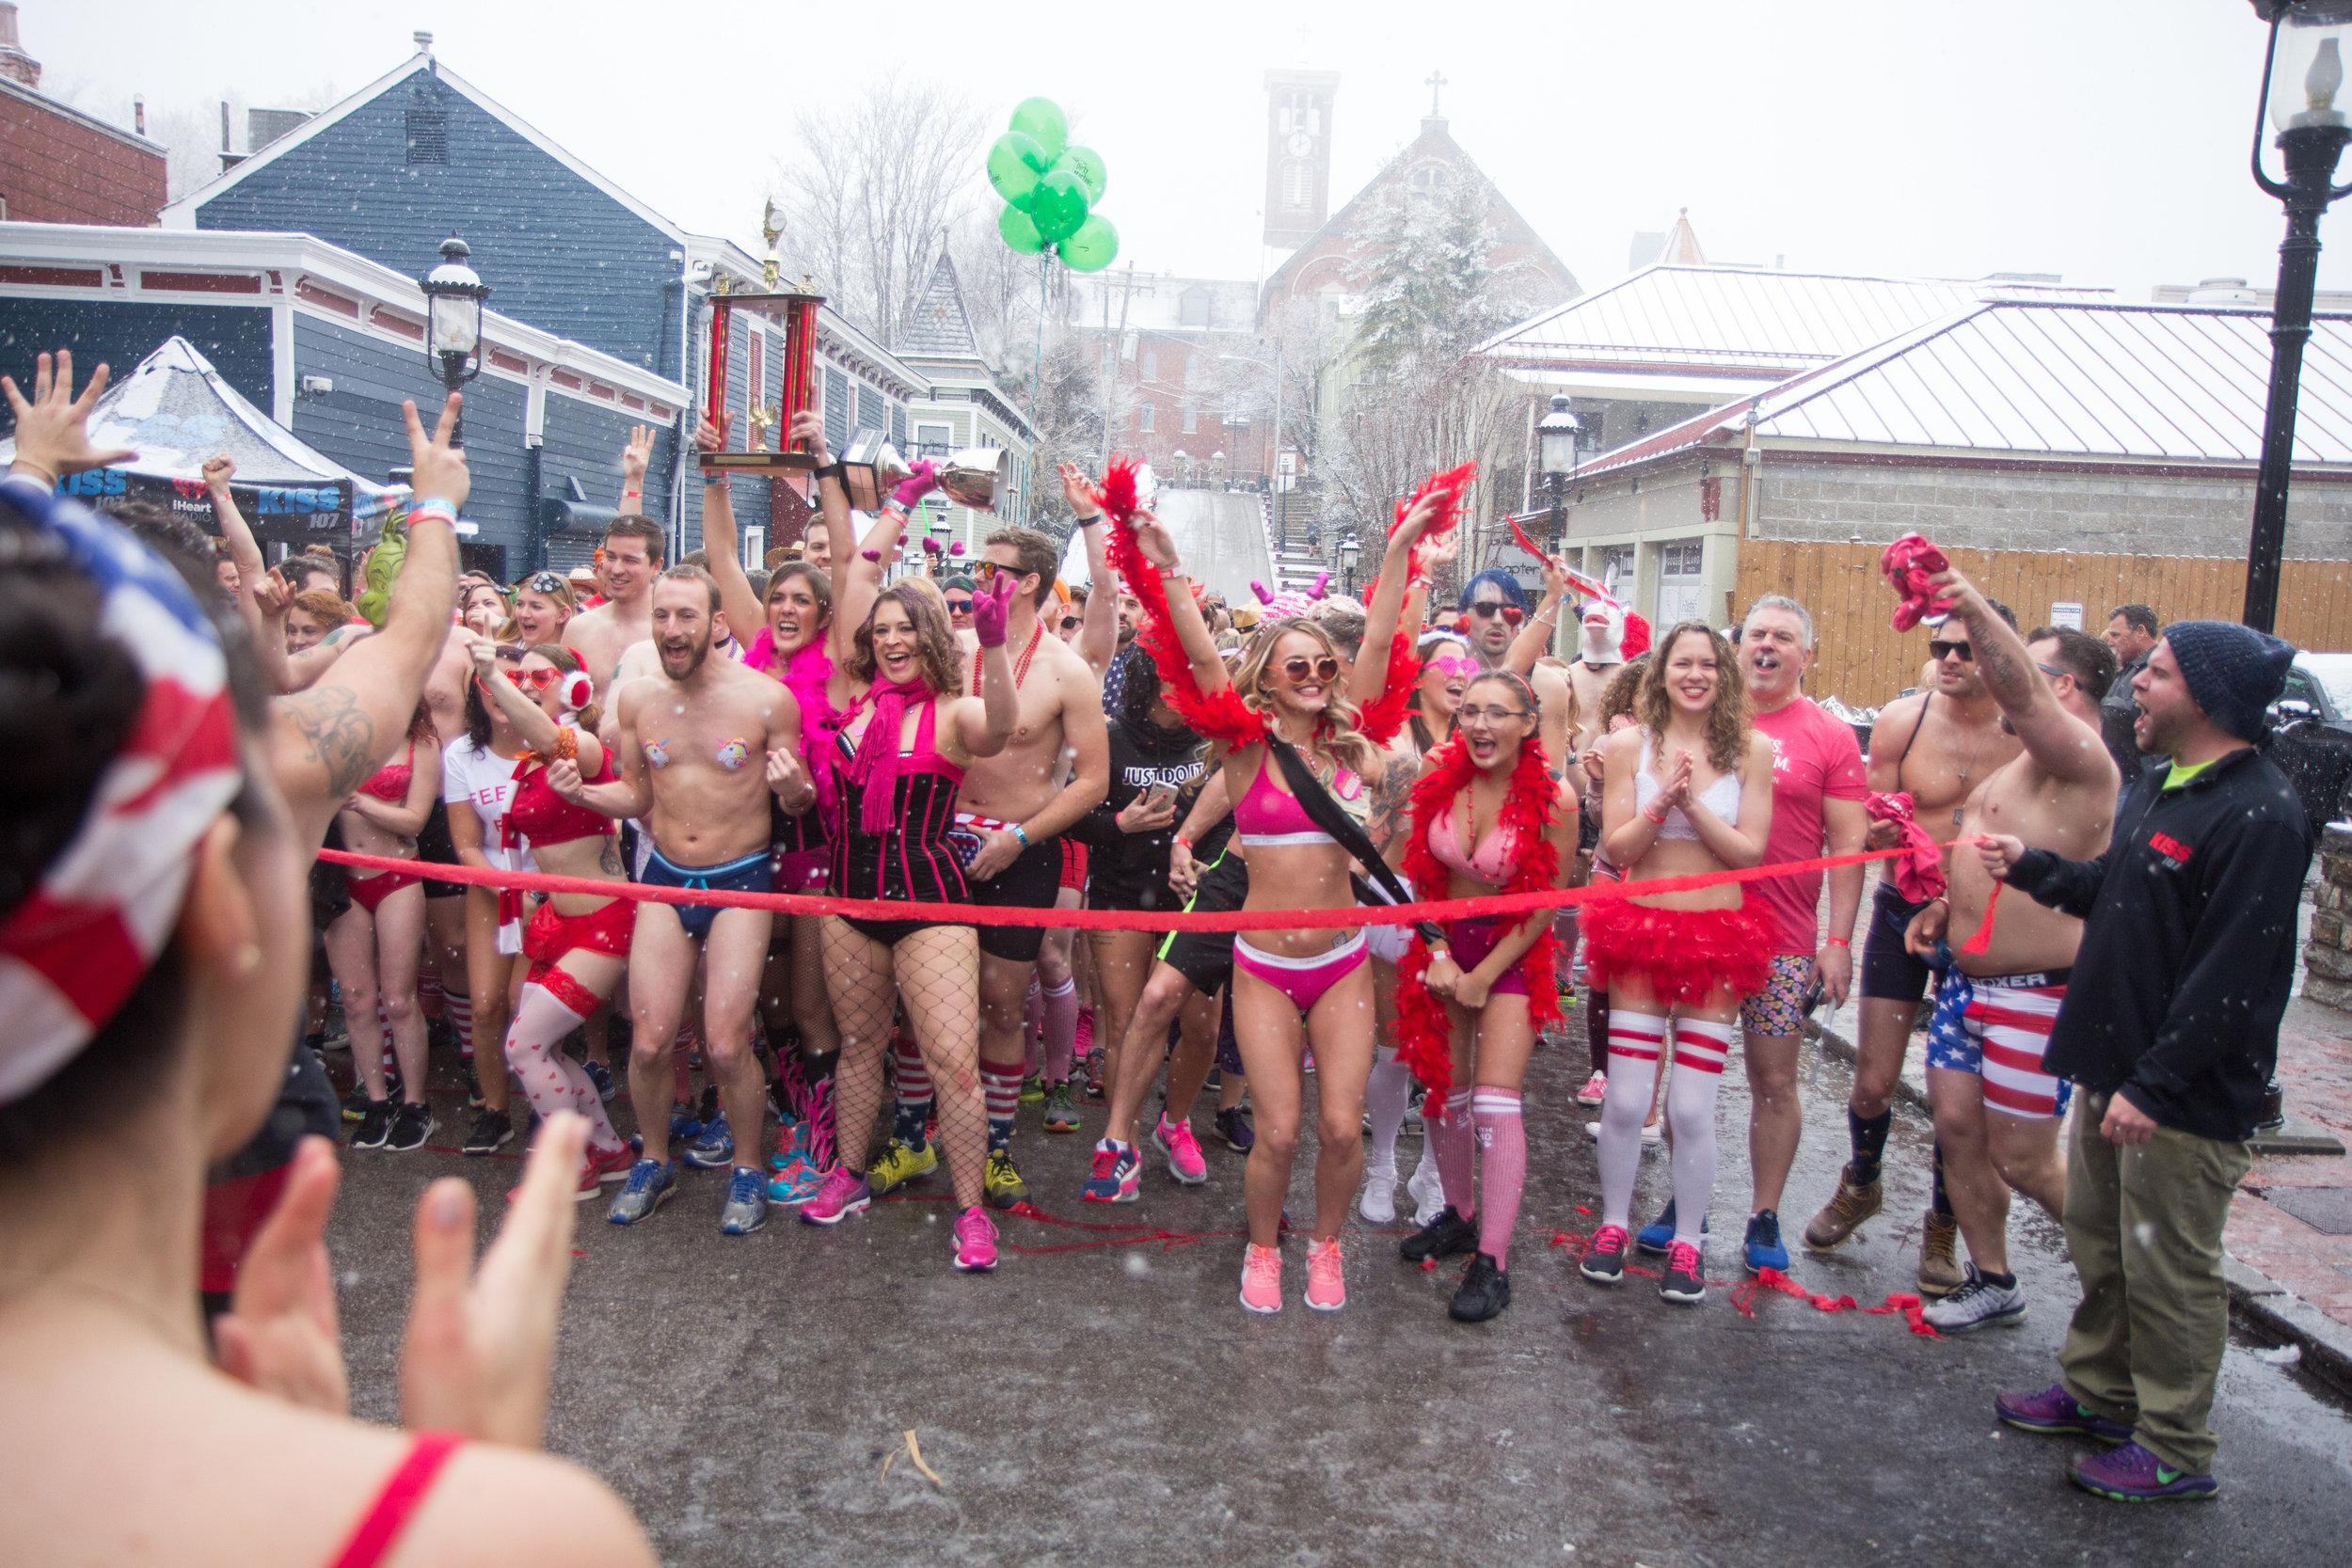 CaseyMillerPhoto - Cupid Undie Run 2018  (110 of 252).jpg